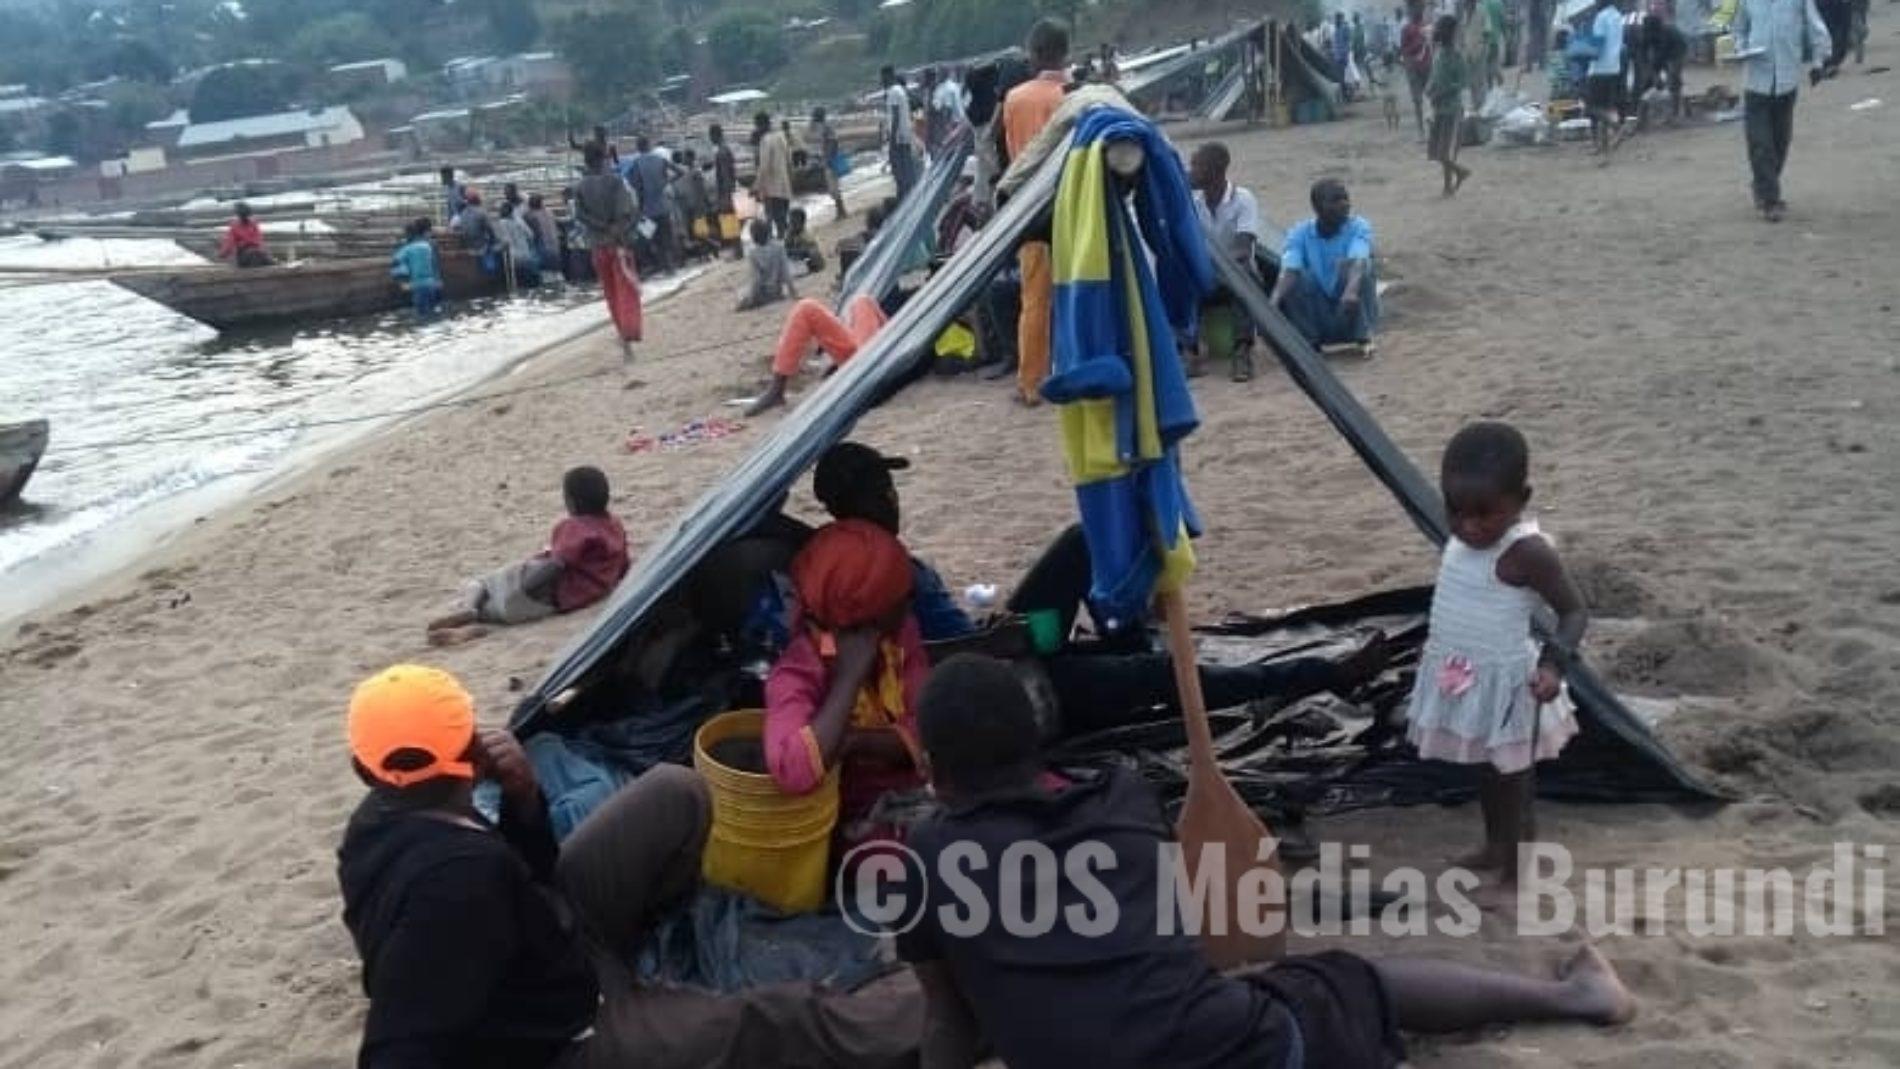 Rumonge : deux présumés bandits armés tués par la marine burundaise